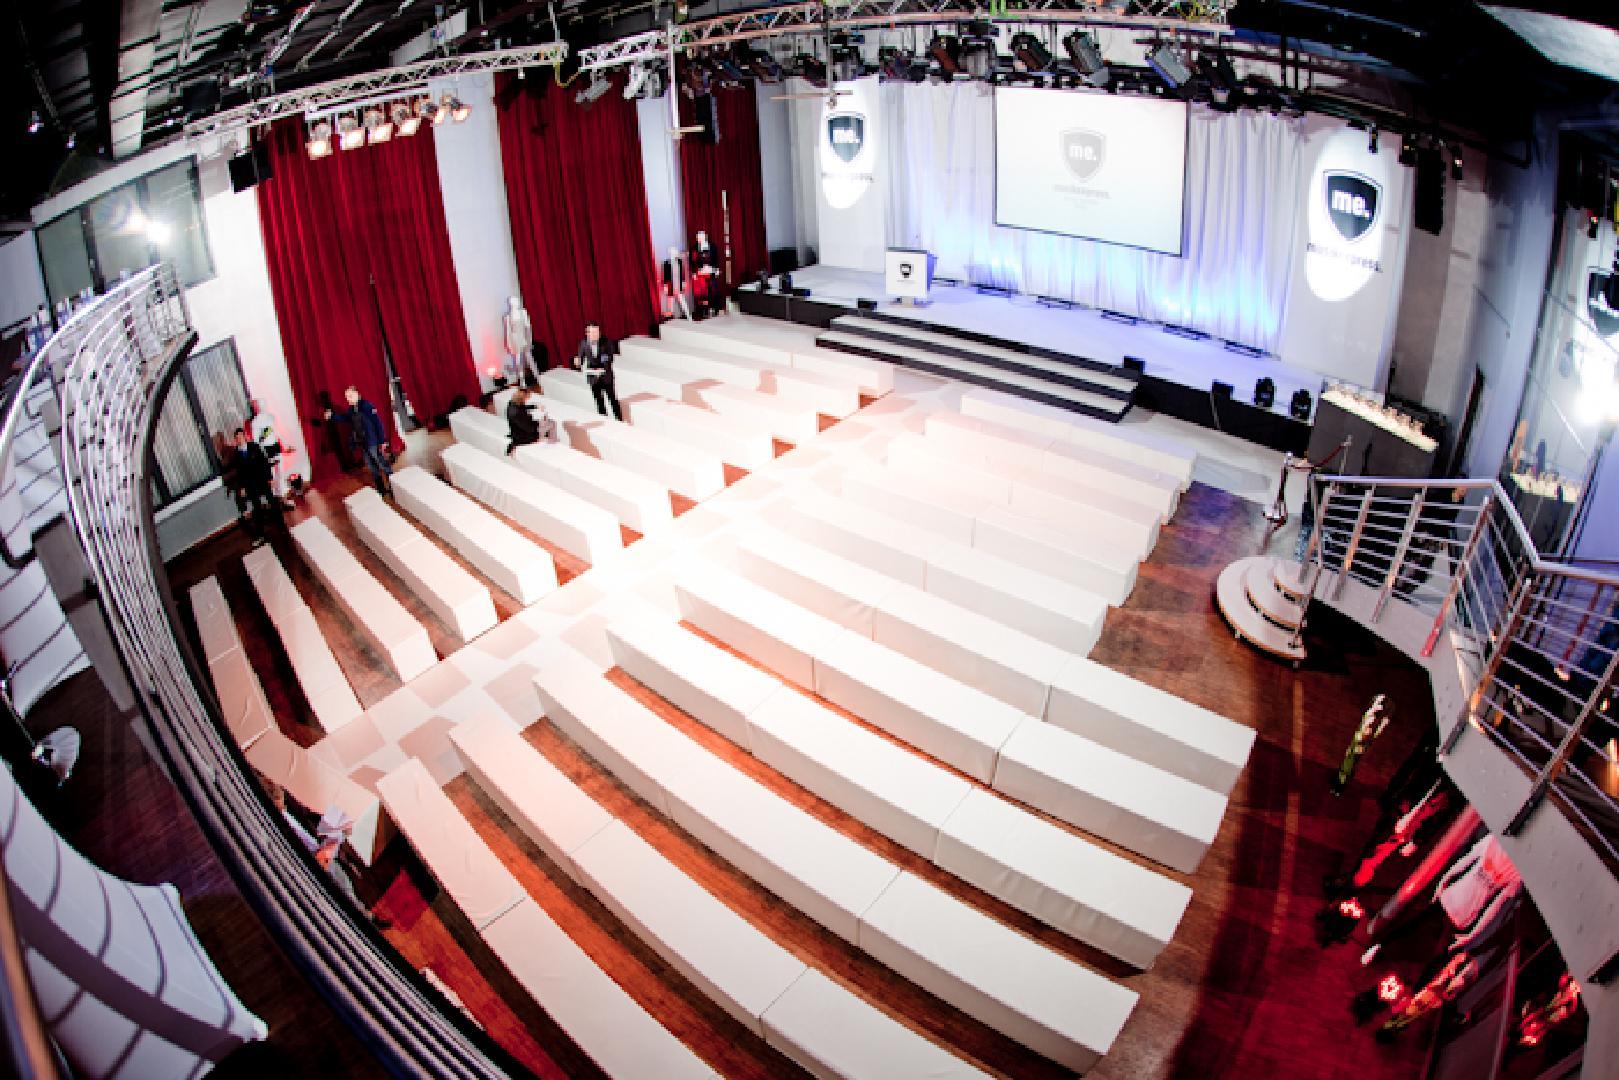 Bild 3 von Palais in der Kulturbrauerei